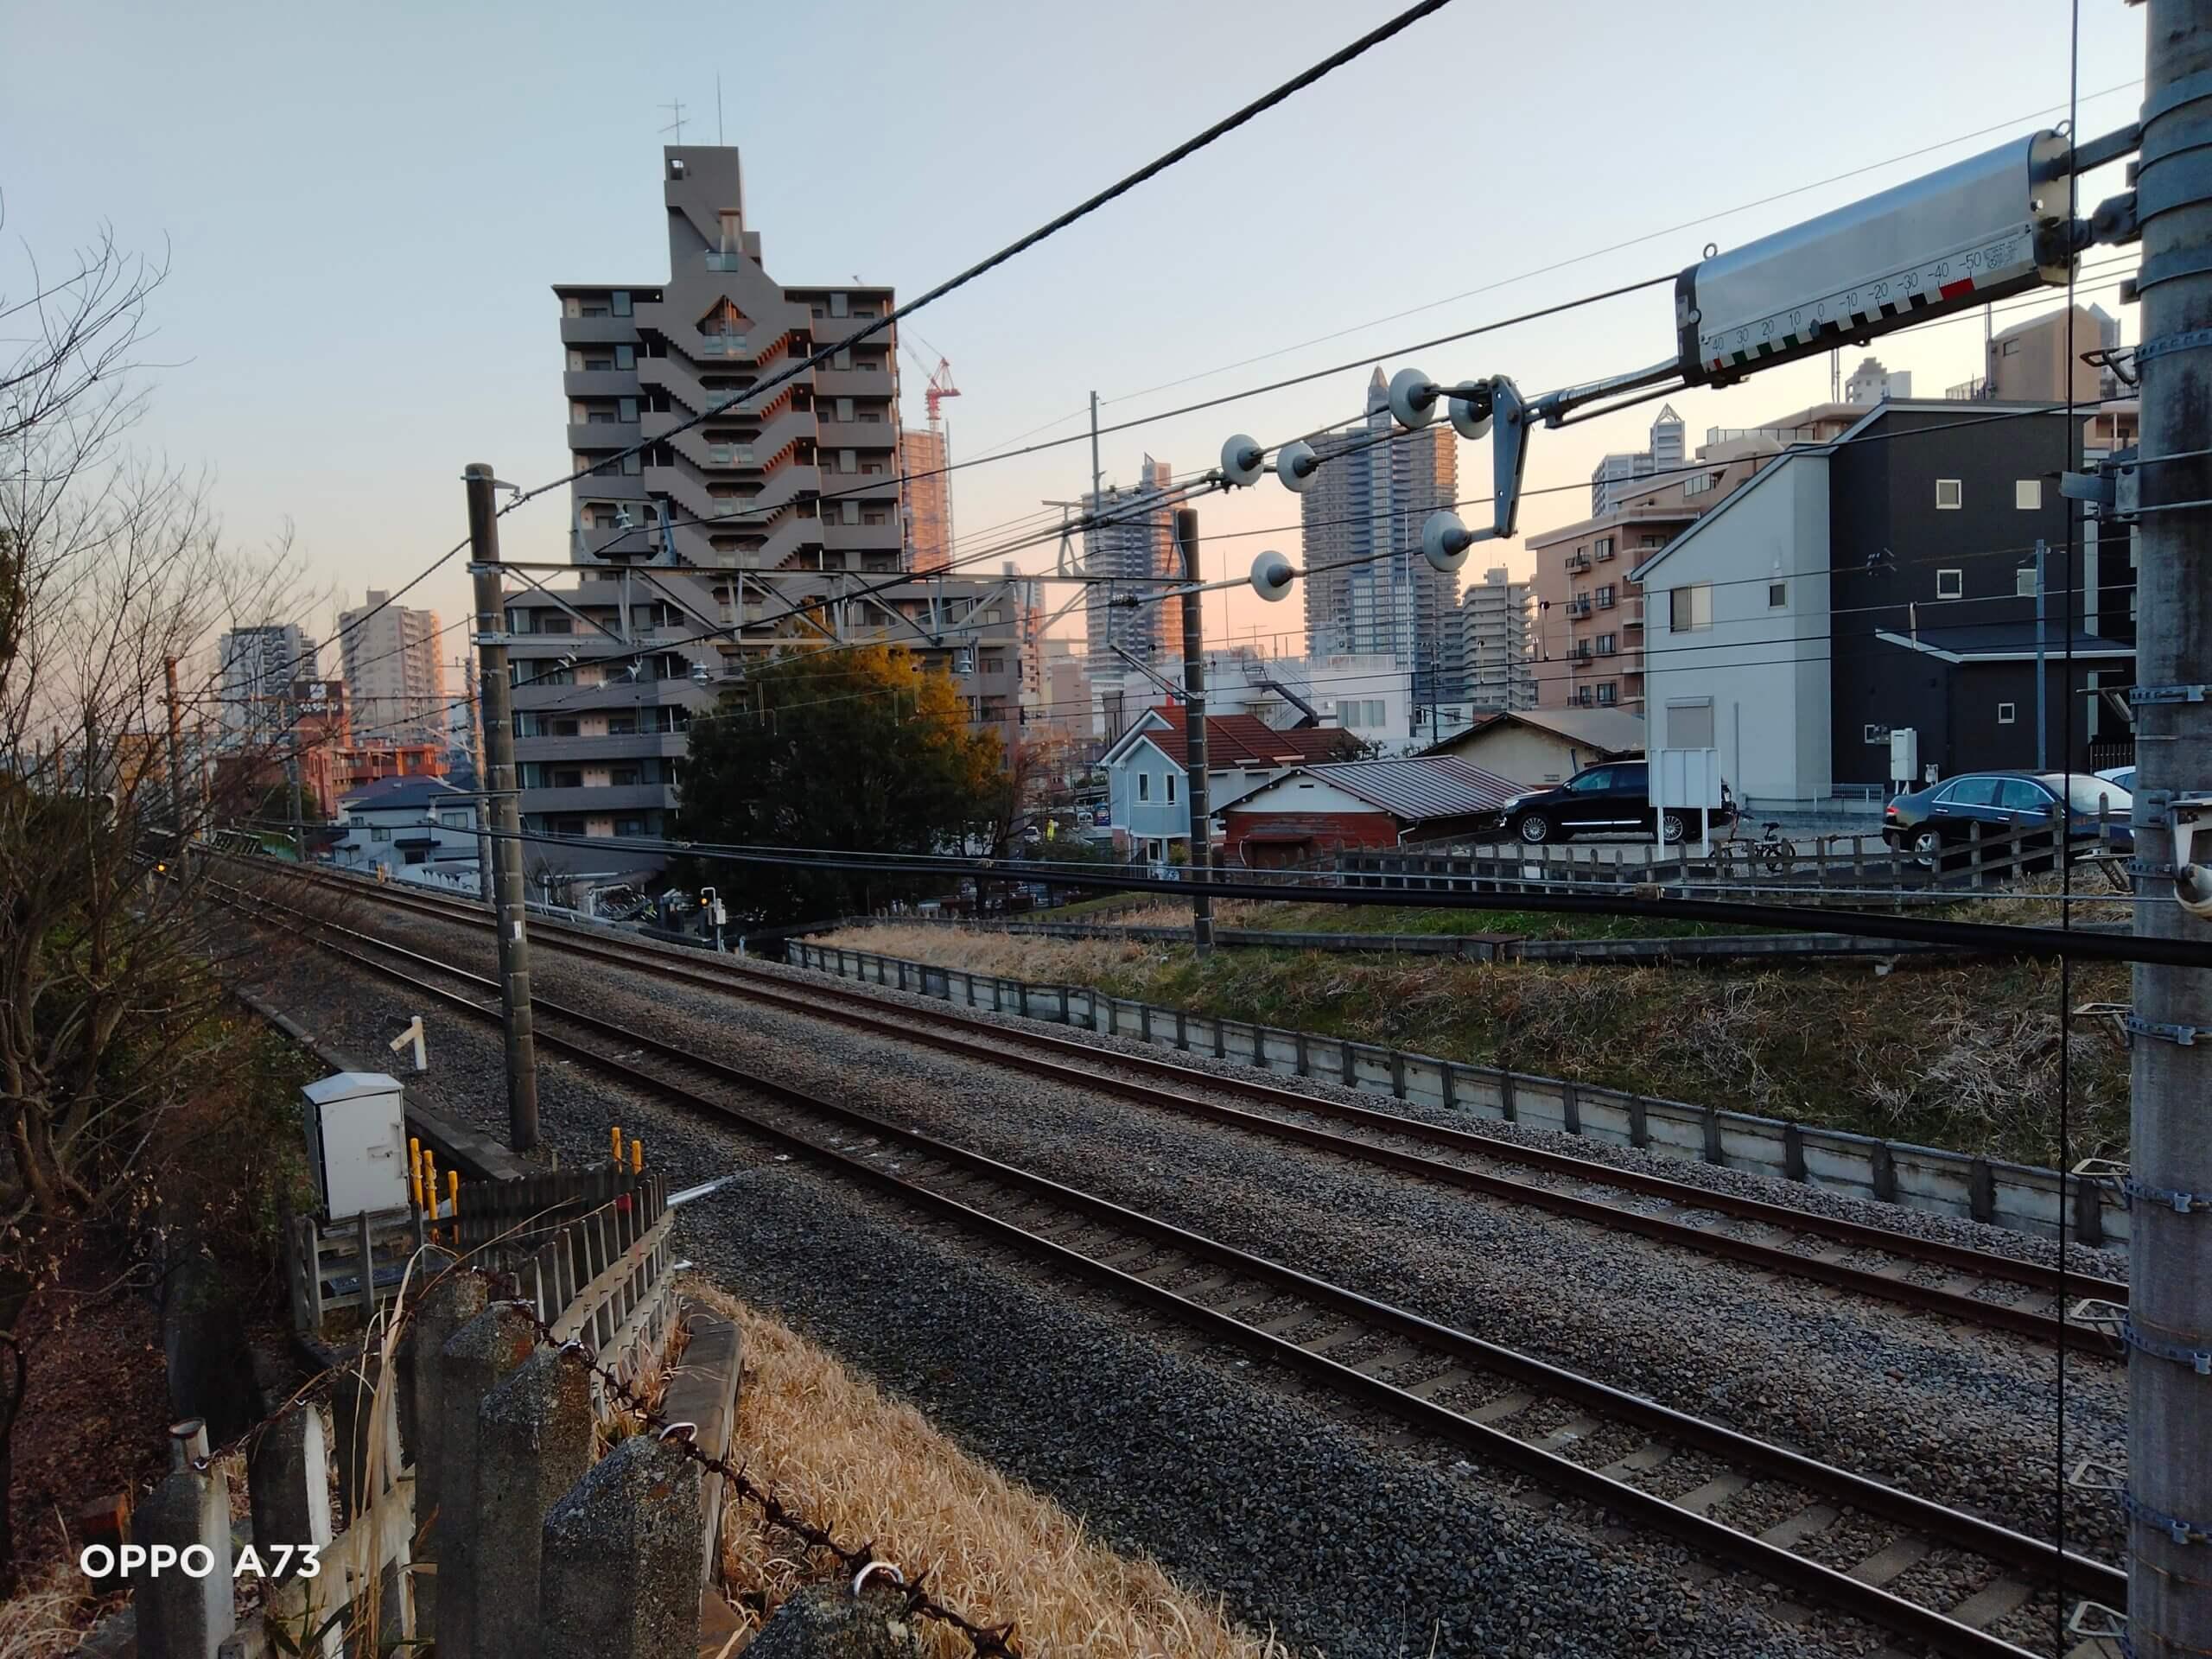 OPPO A73で撮影した鉄道と建物の写真